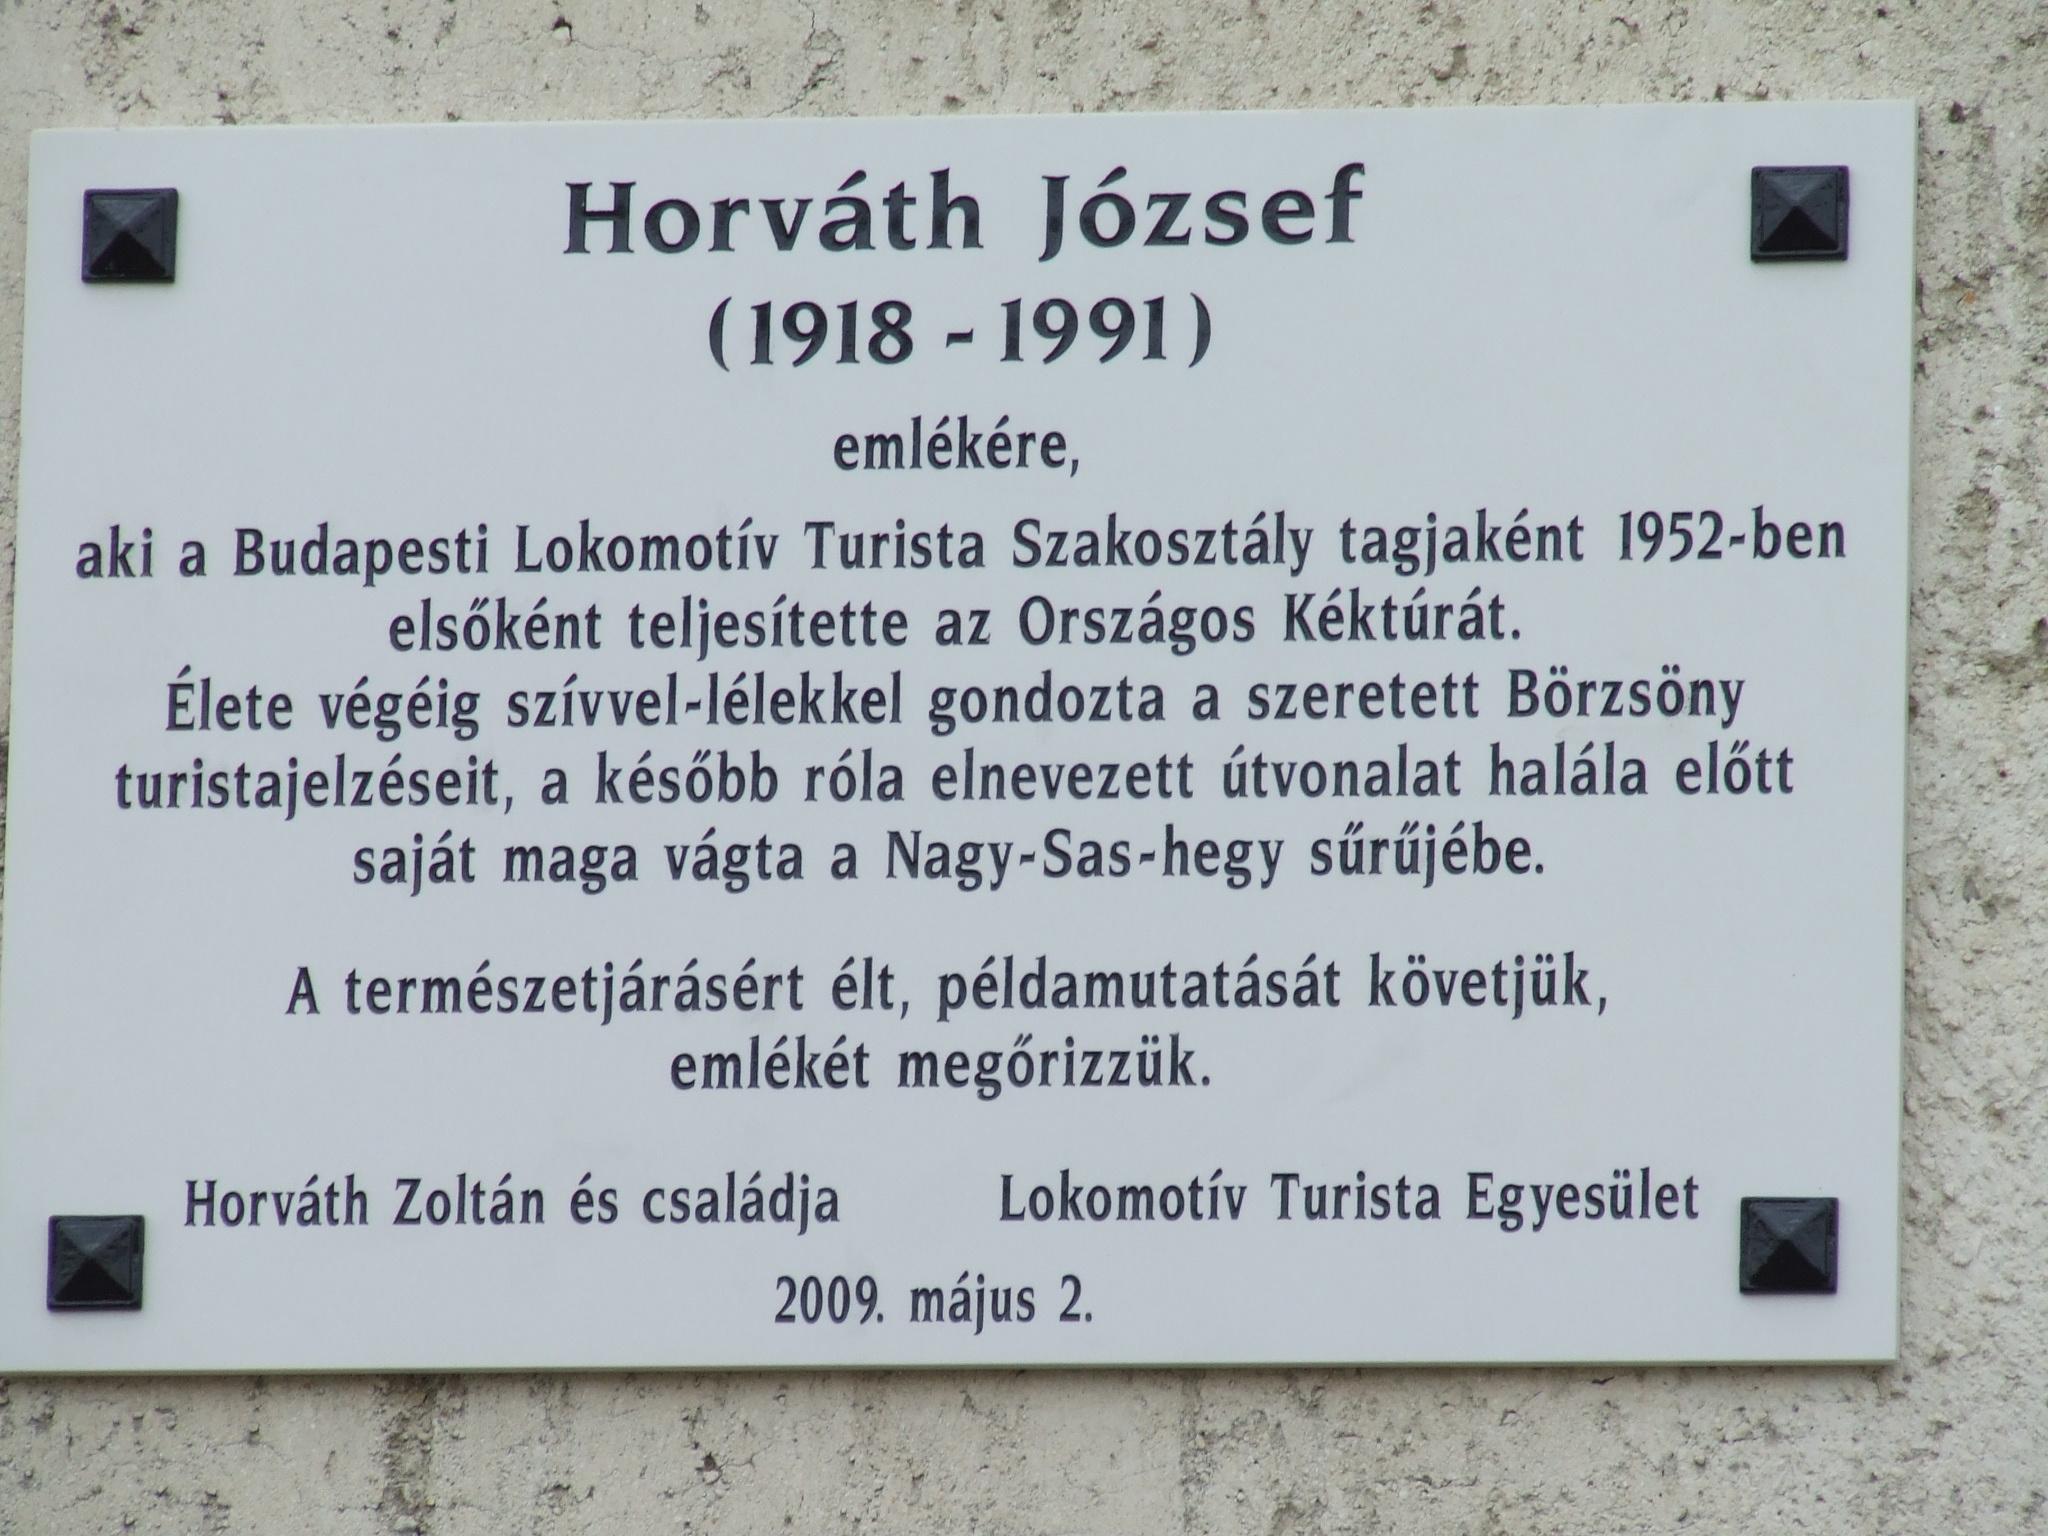 Horváth József emléktáblája Márianosztrán